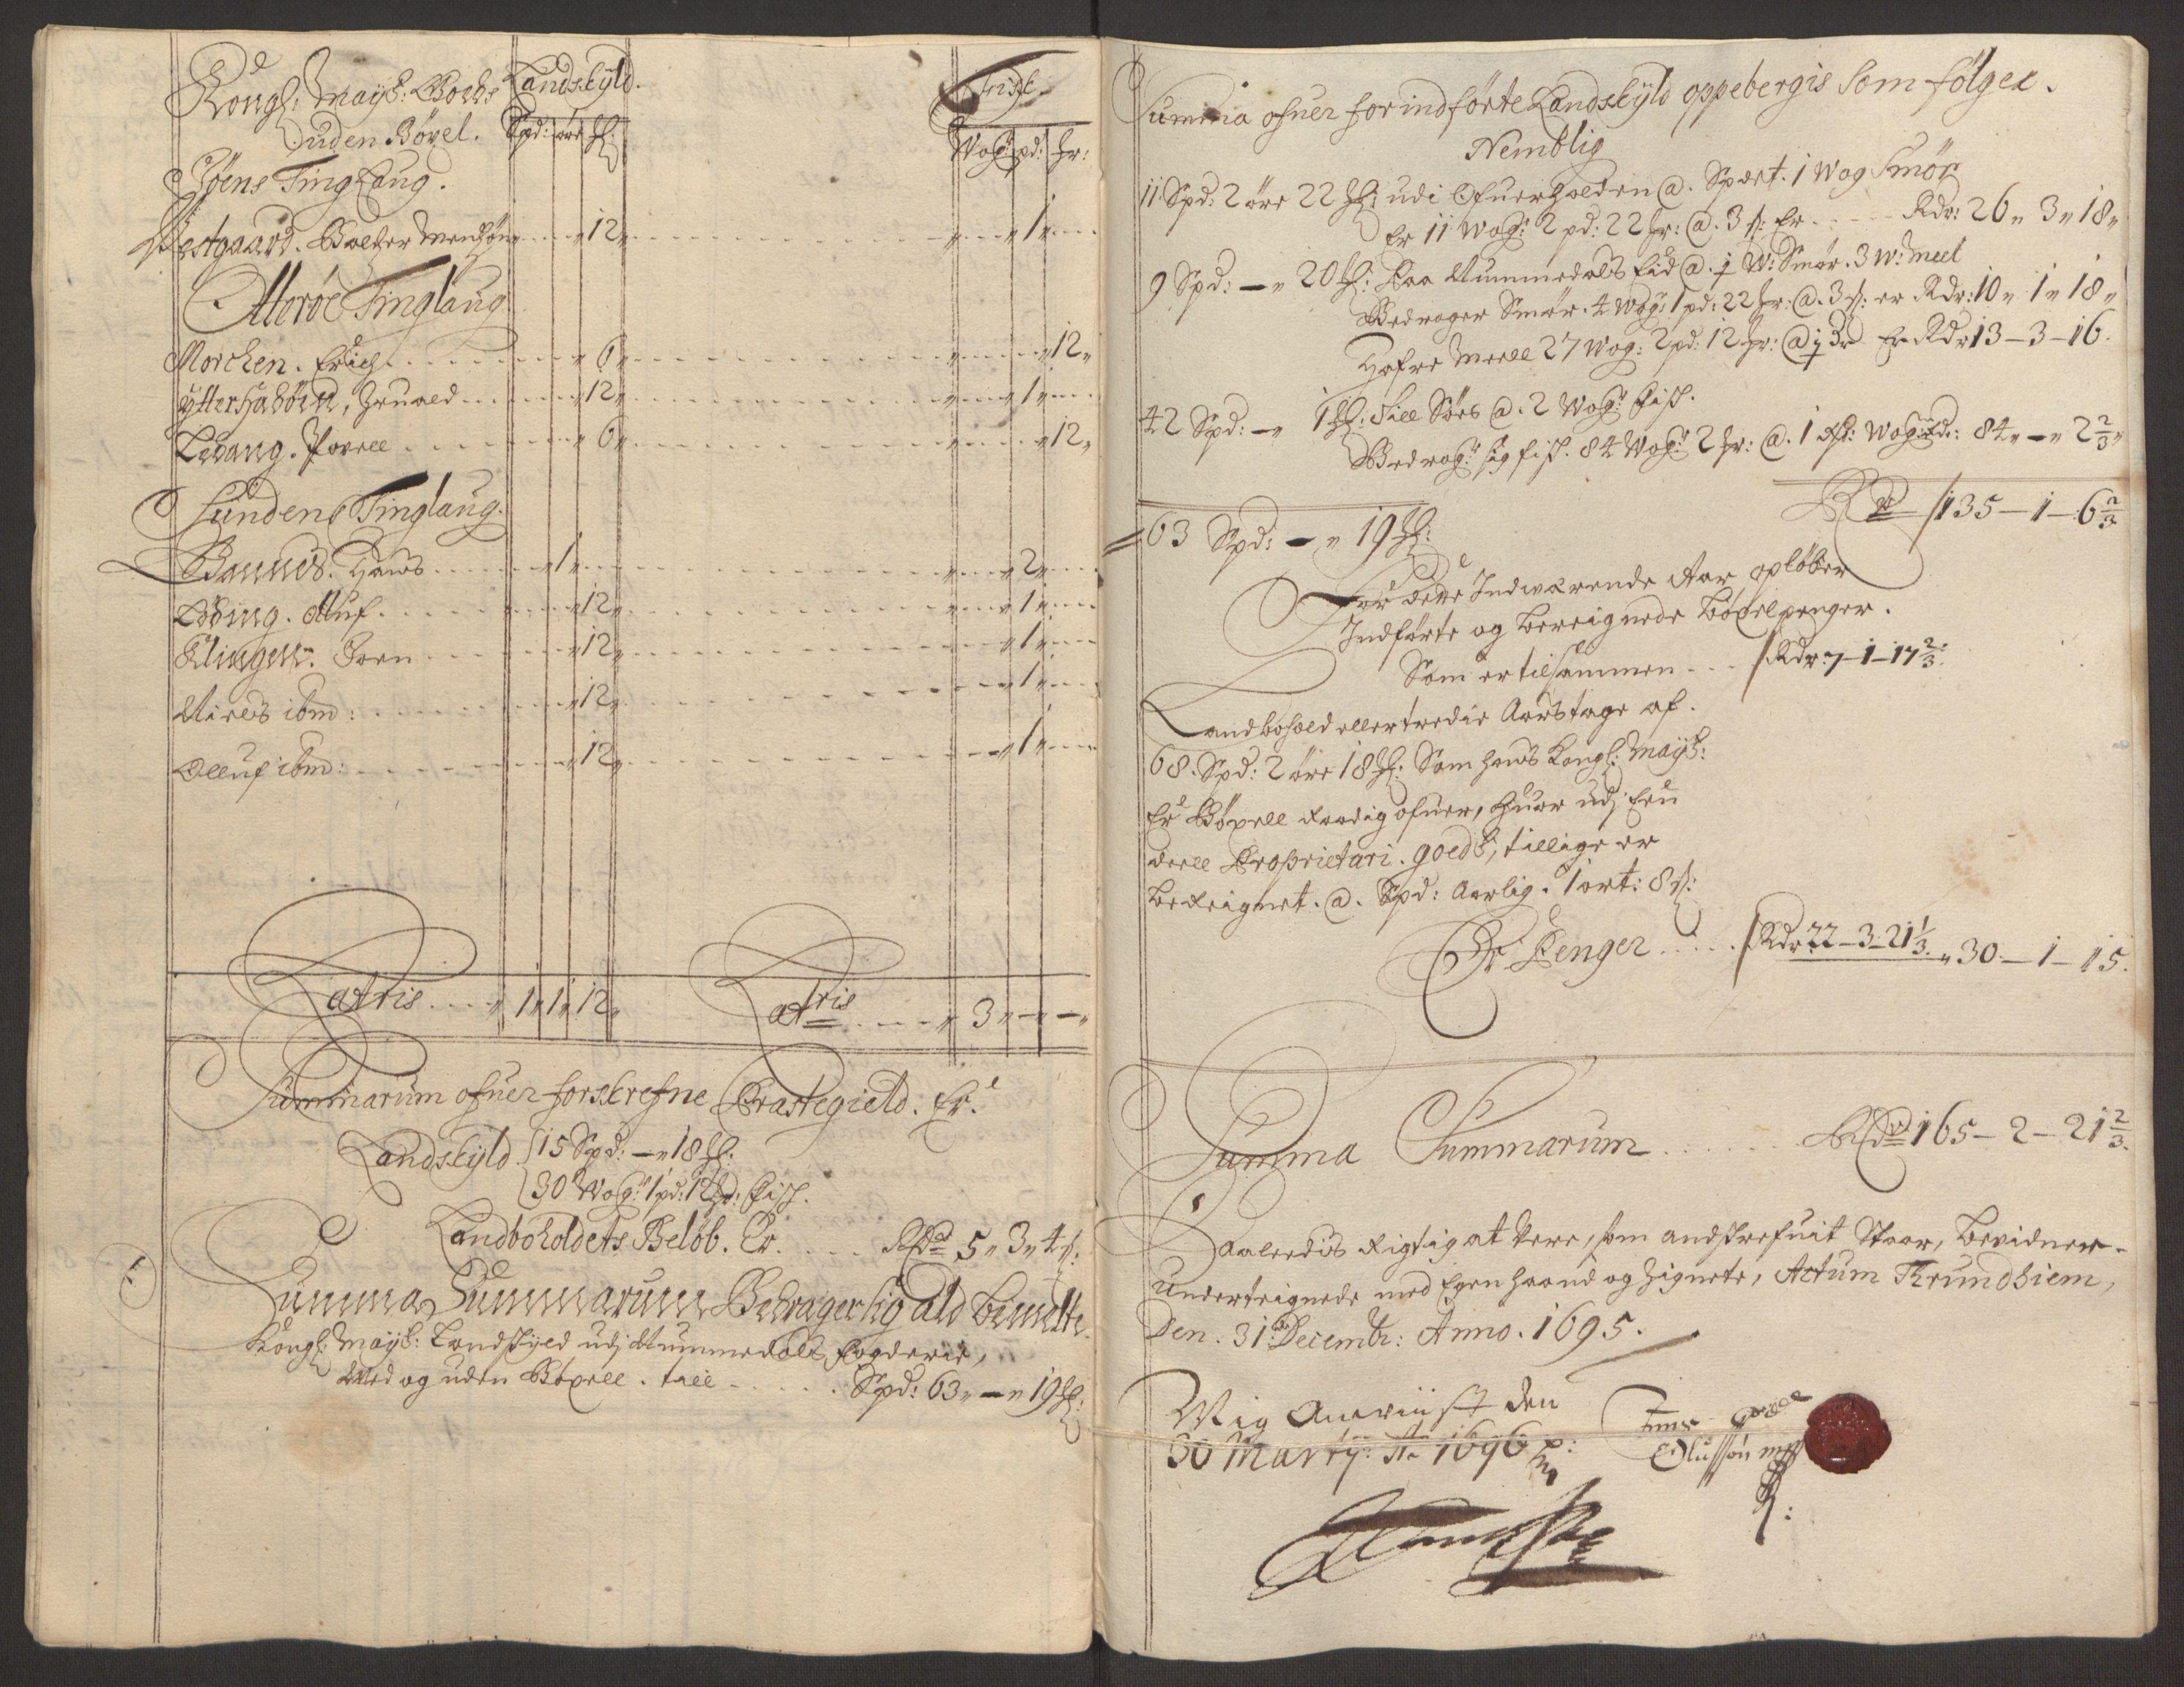 RA, Rentekammeret inntil 1814, Reviderte regnskaper, Fogderegnskap, R64/L4424: Fogderegnskap Namdal, 1692-1695, s. 496